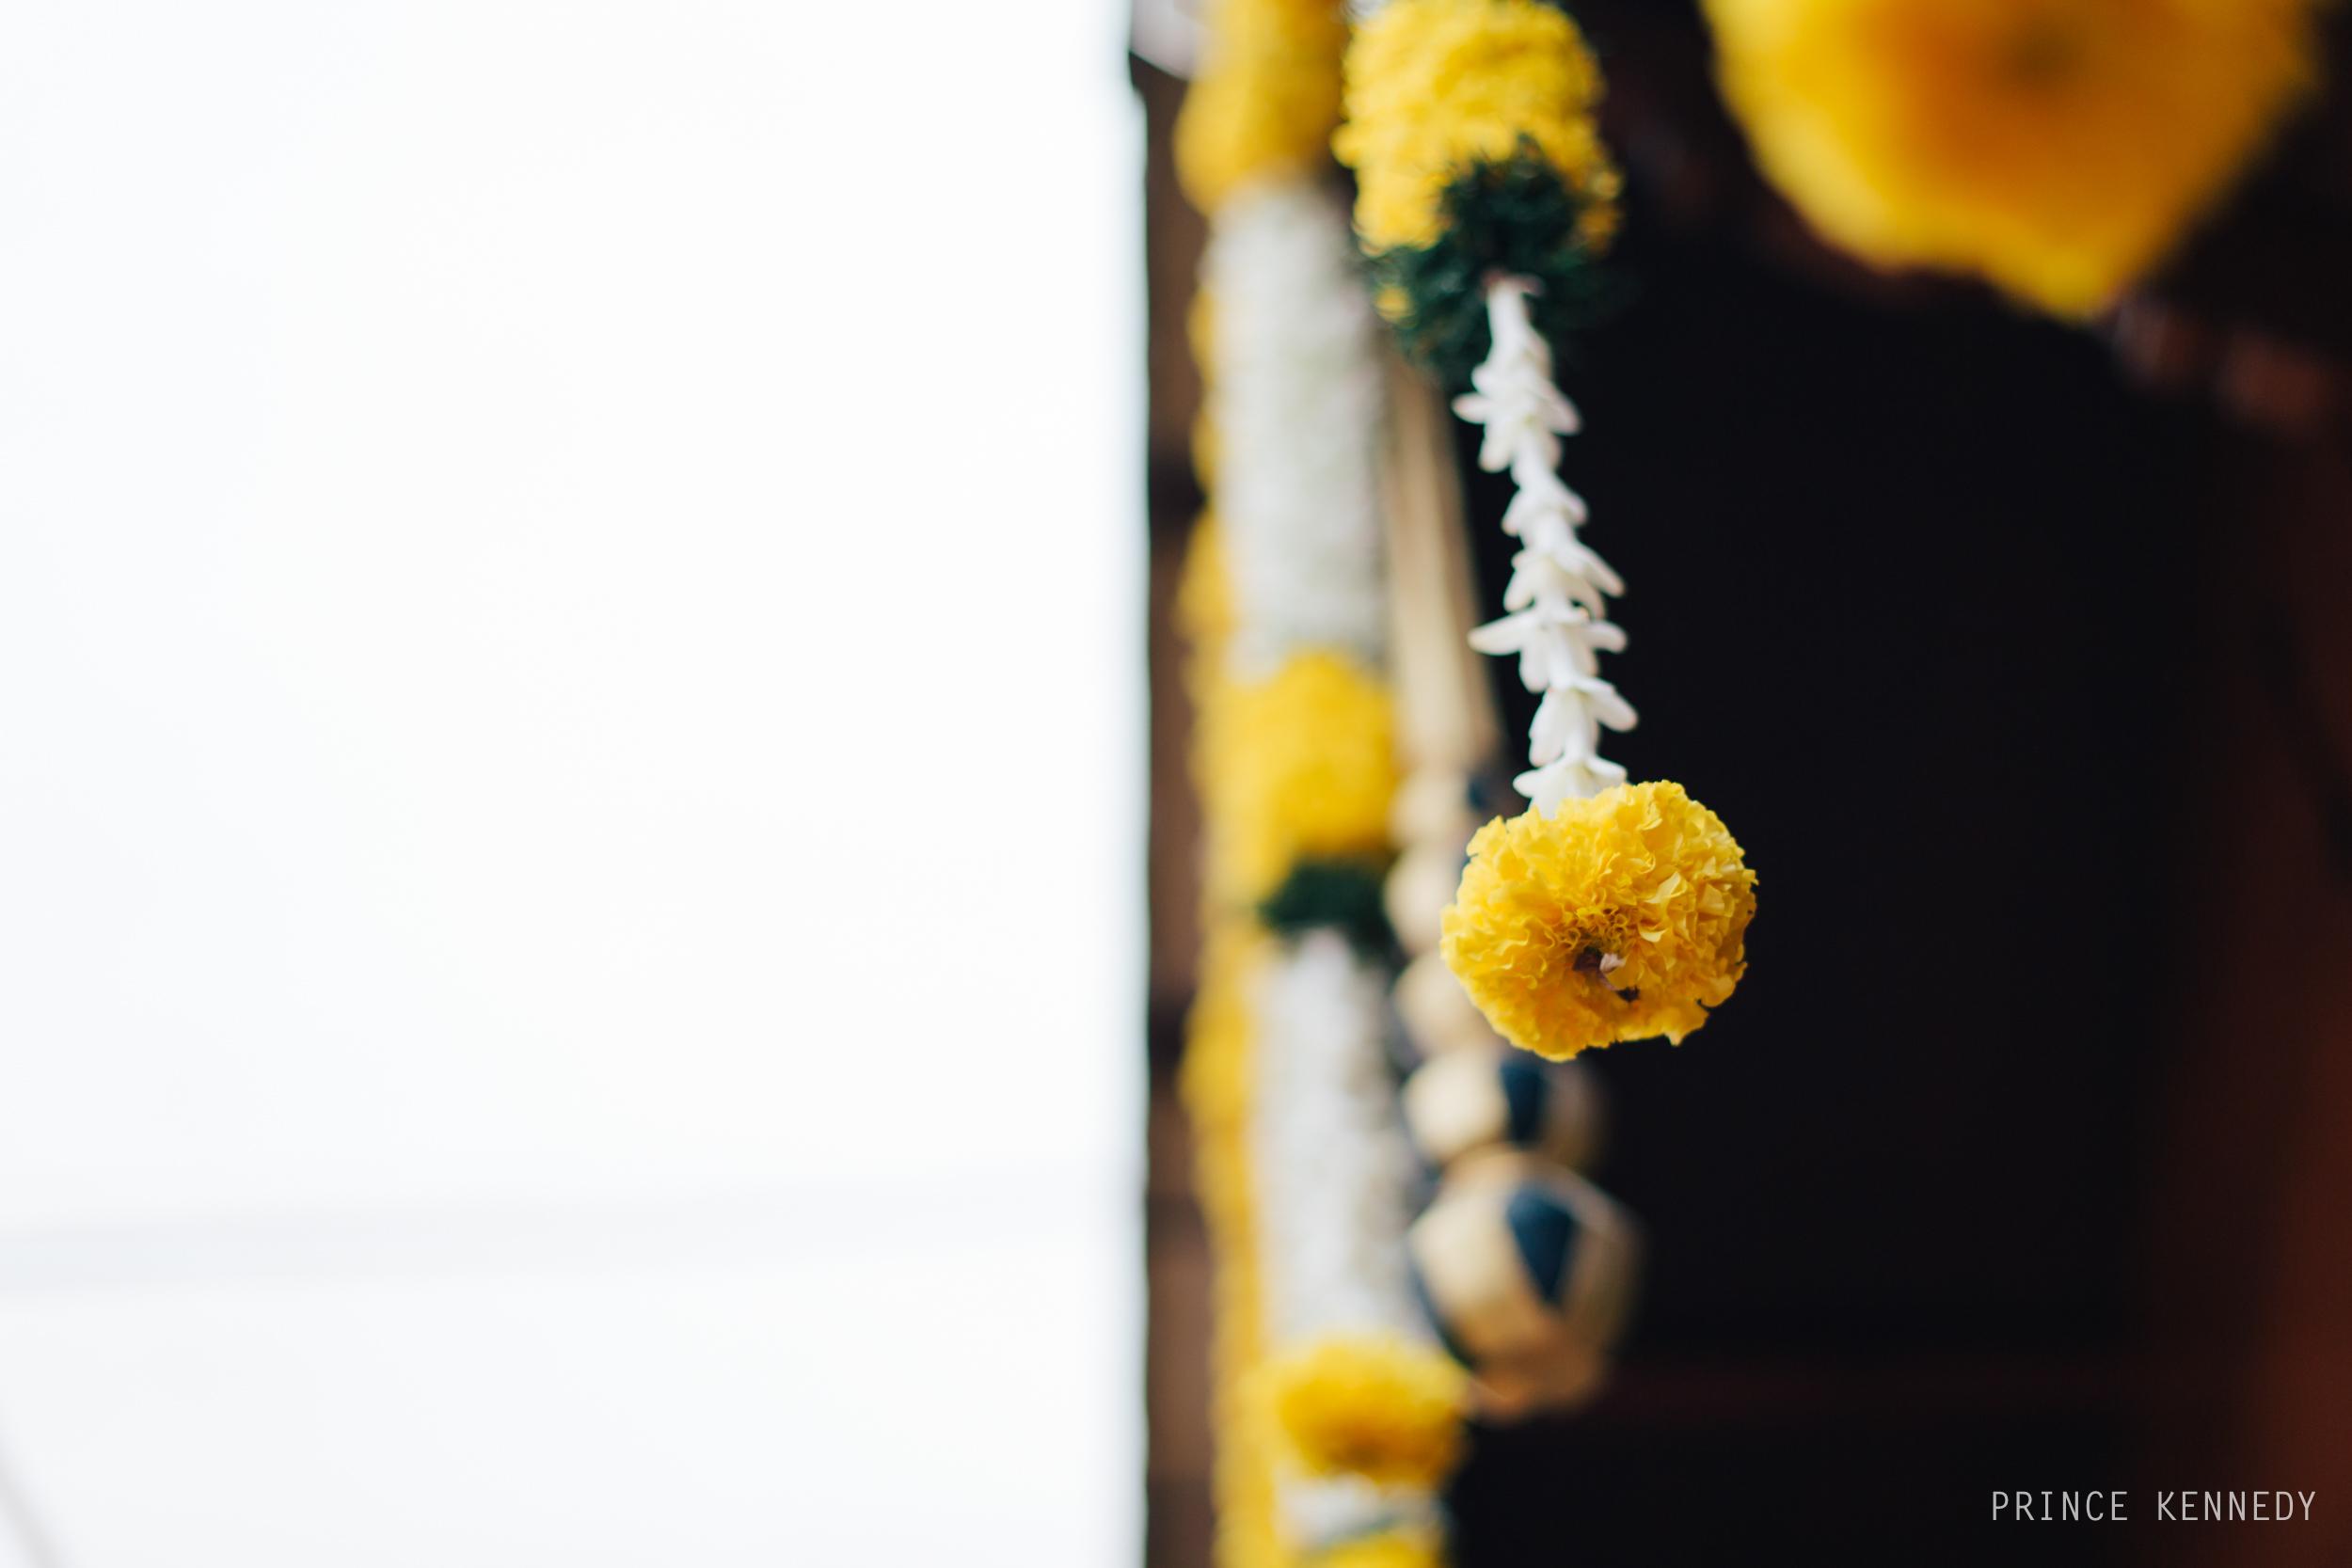 Engagement-Couple-Portrait-Portraiture-Wedding-Couple-Portrait-Chennai-Photographer-Candid-Photography-Destination-Best-Prince-Kennedy-Photography-61.jpg